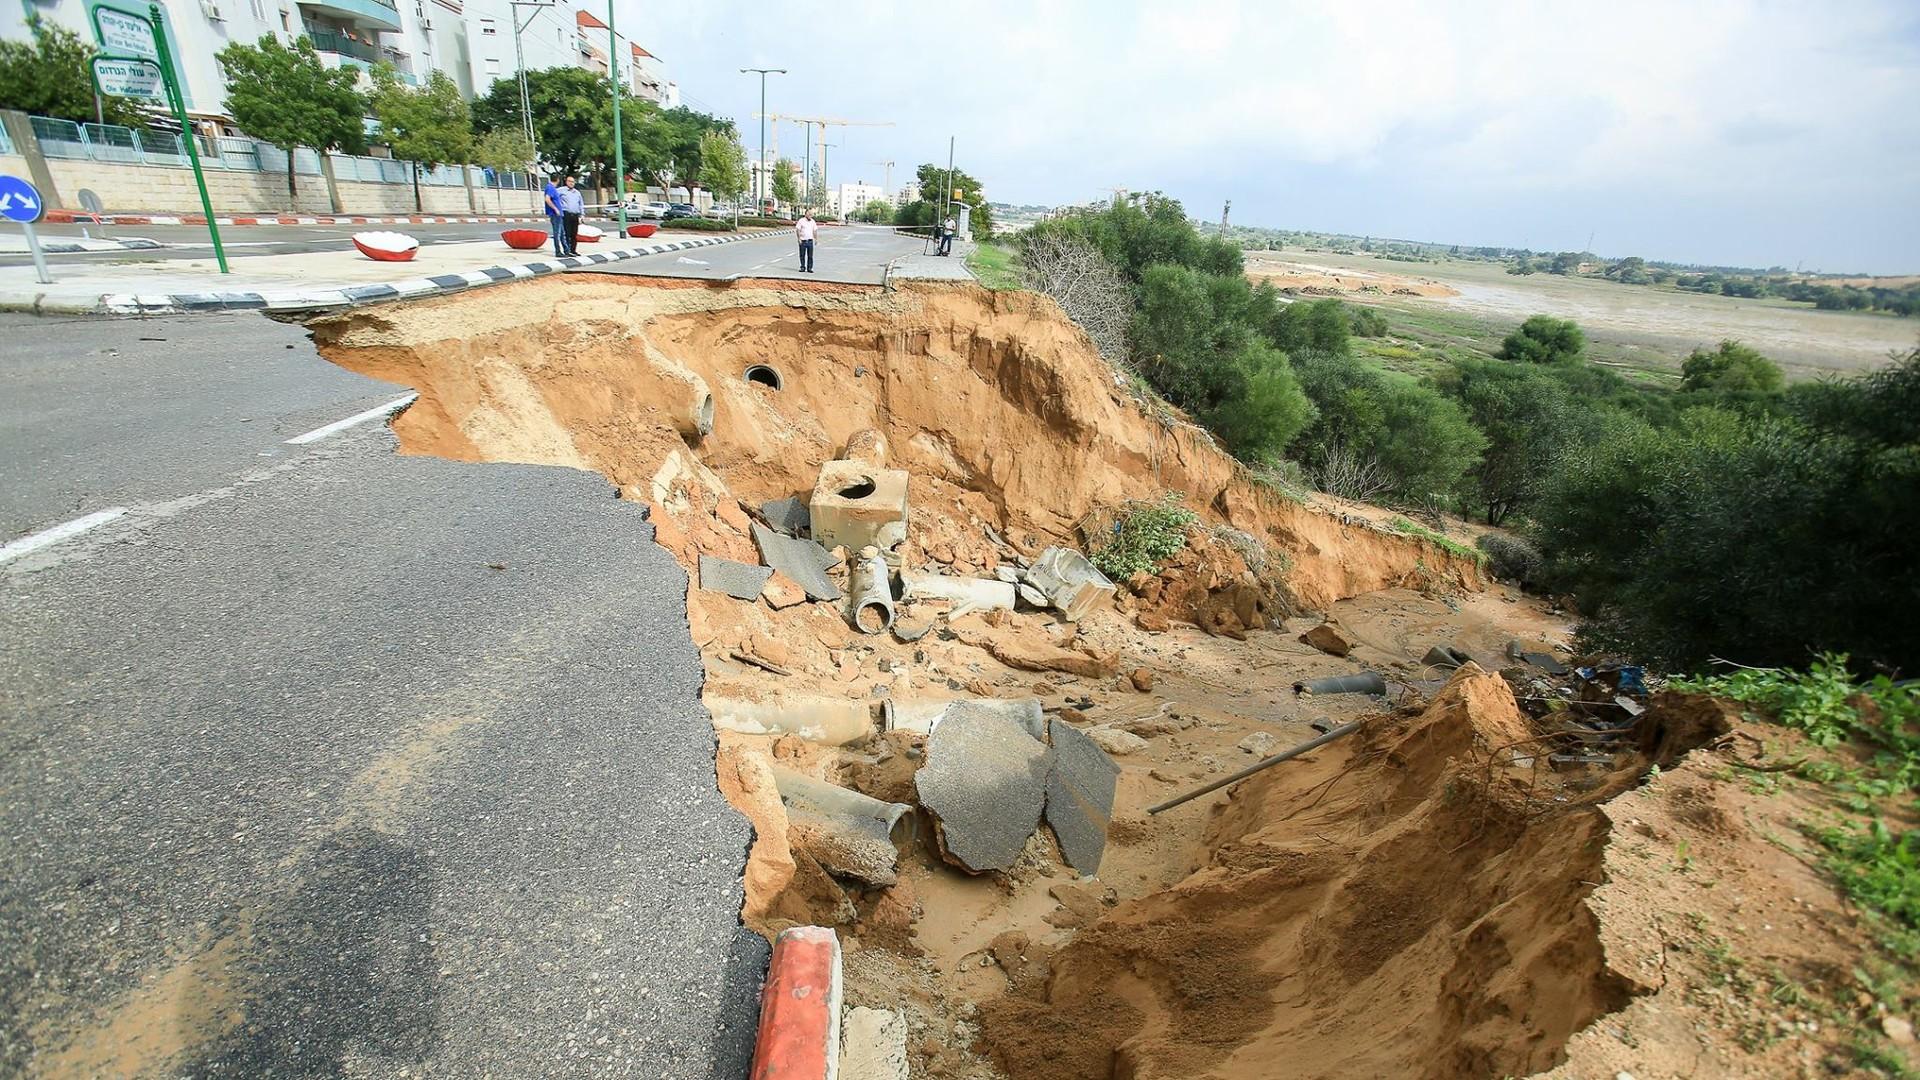 Сильные наводнения обрушились на Израиль после одного из самых дождливых дней в истории страны  - фото 9